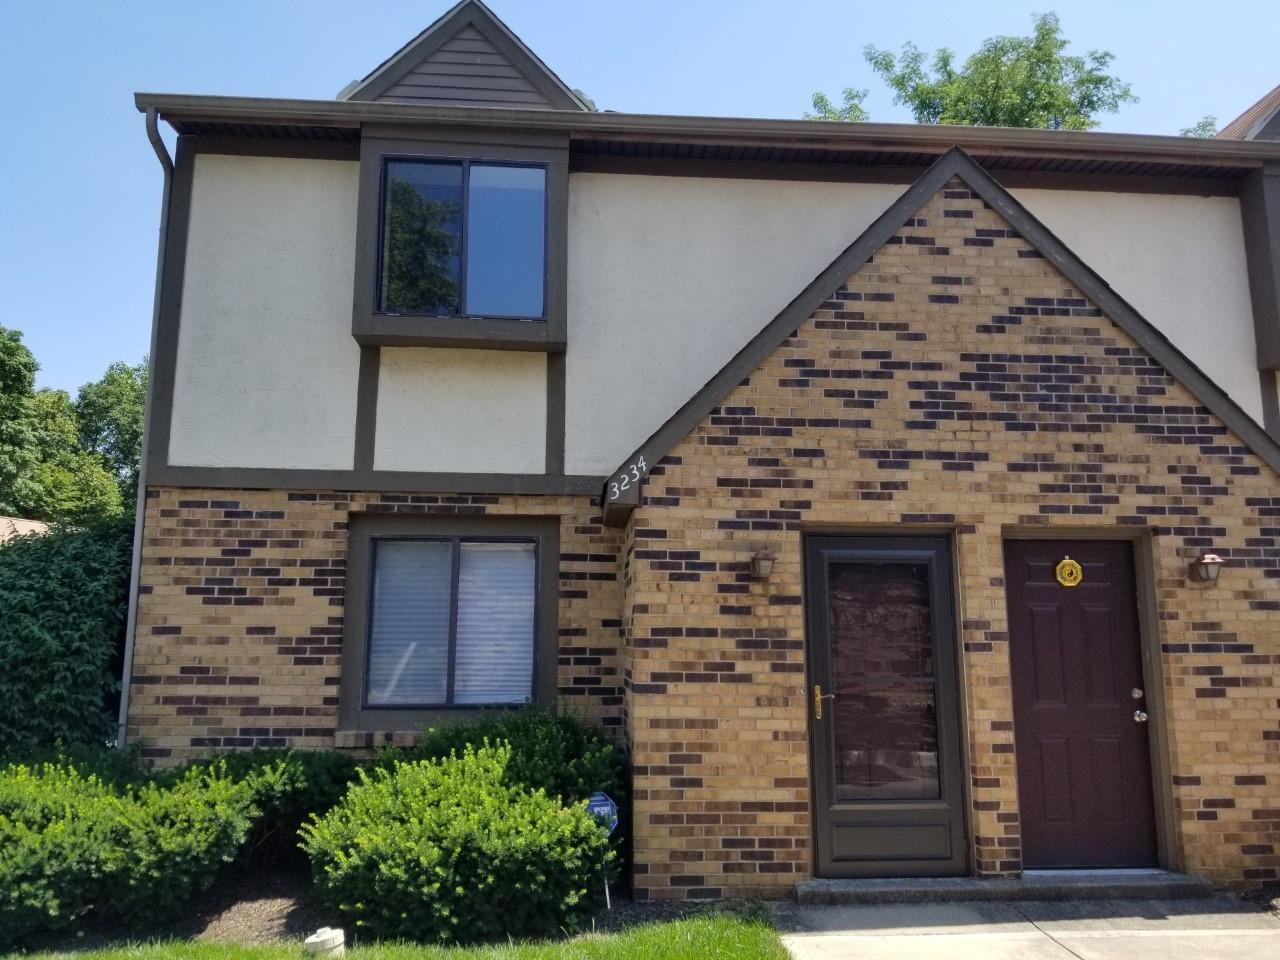 3234 Summerdale Lane, Columbus, Ohio 43221, 2 Bedrooms Bedrooms, ,2 BathroomsBathrooms,Residential,For Sale,Summerdale,220021246